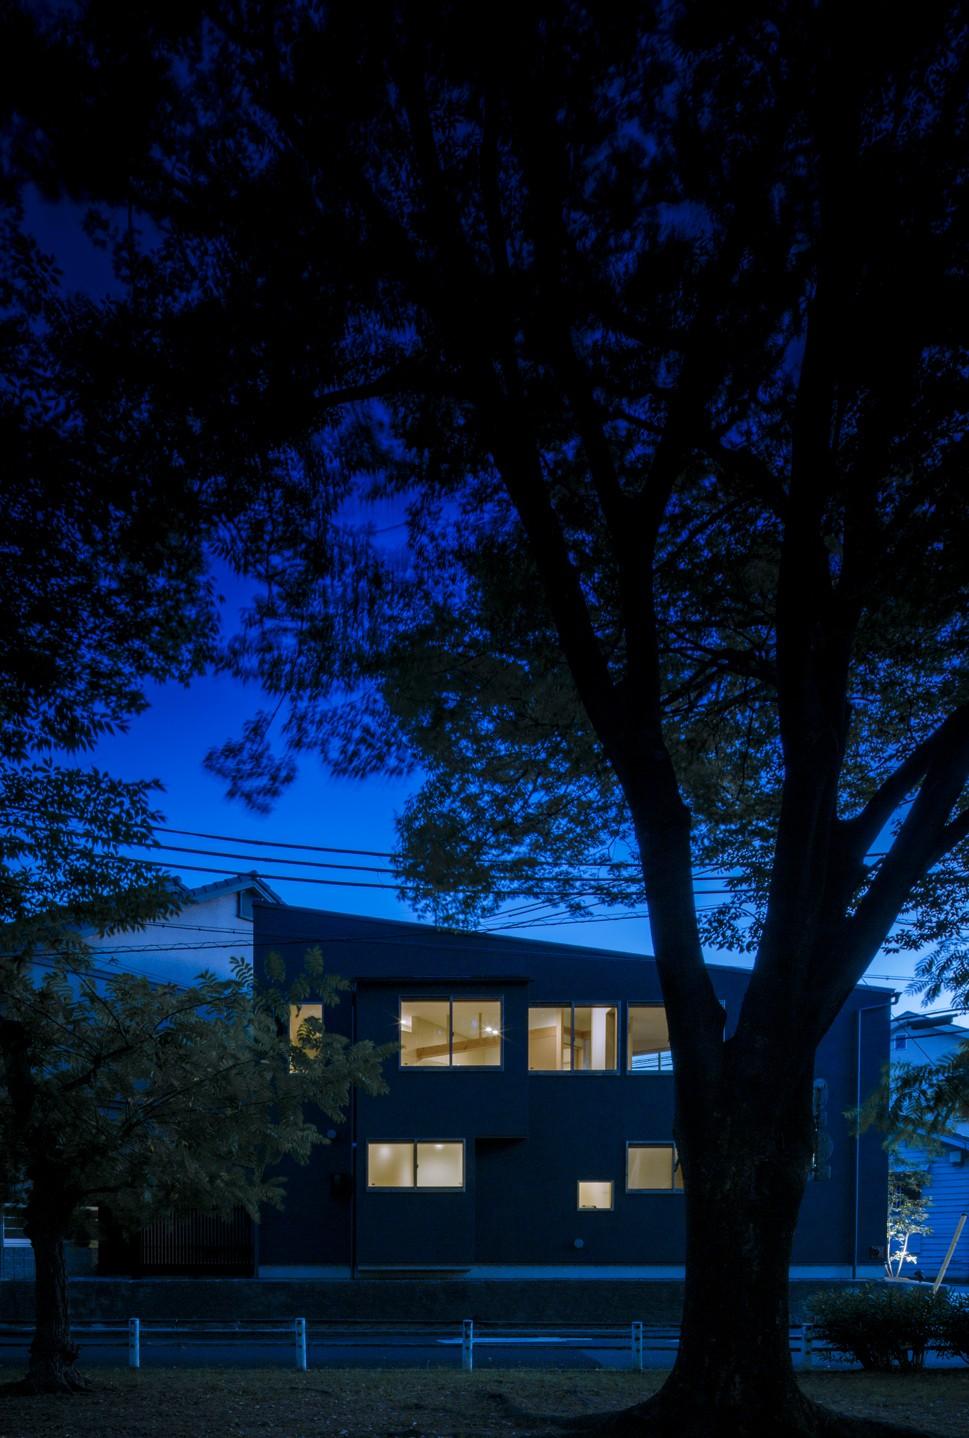 緑豊かな公園に隣接|プライバシーを守りながら開放的に住まう Y字路の家 (夜景)